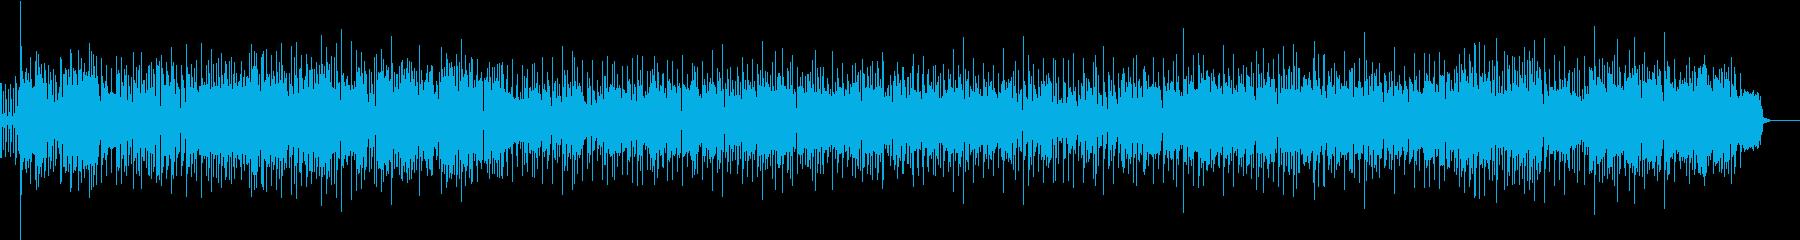 アップテンポのノリの良いブルース!の再生済みの波形